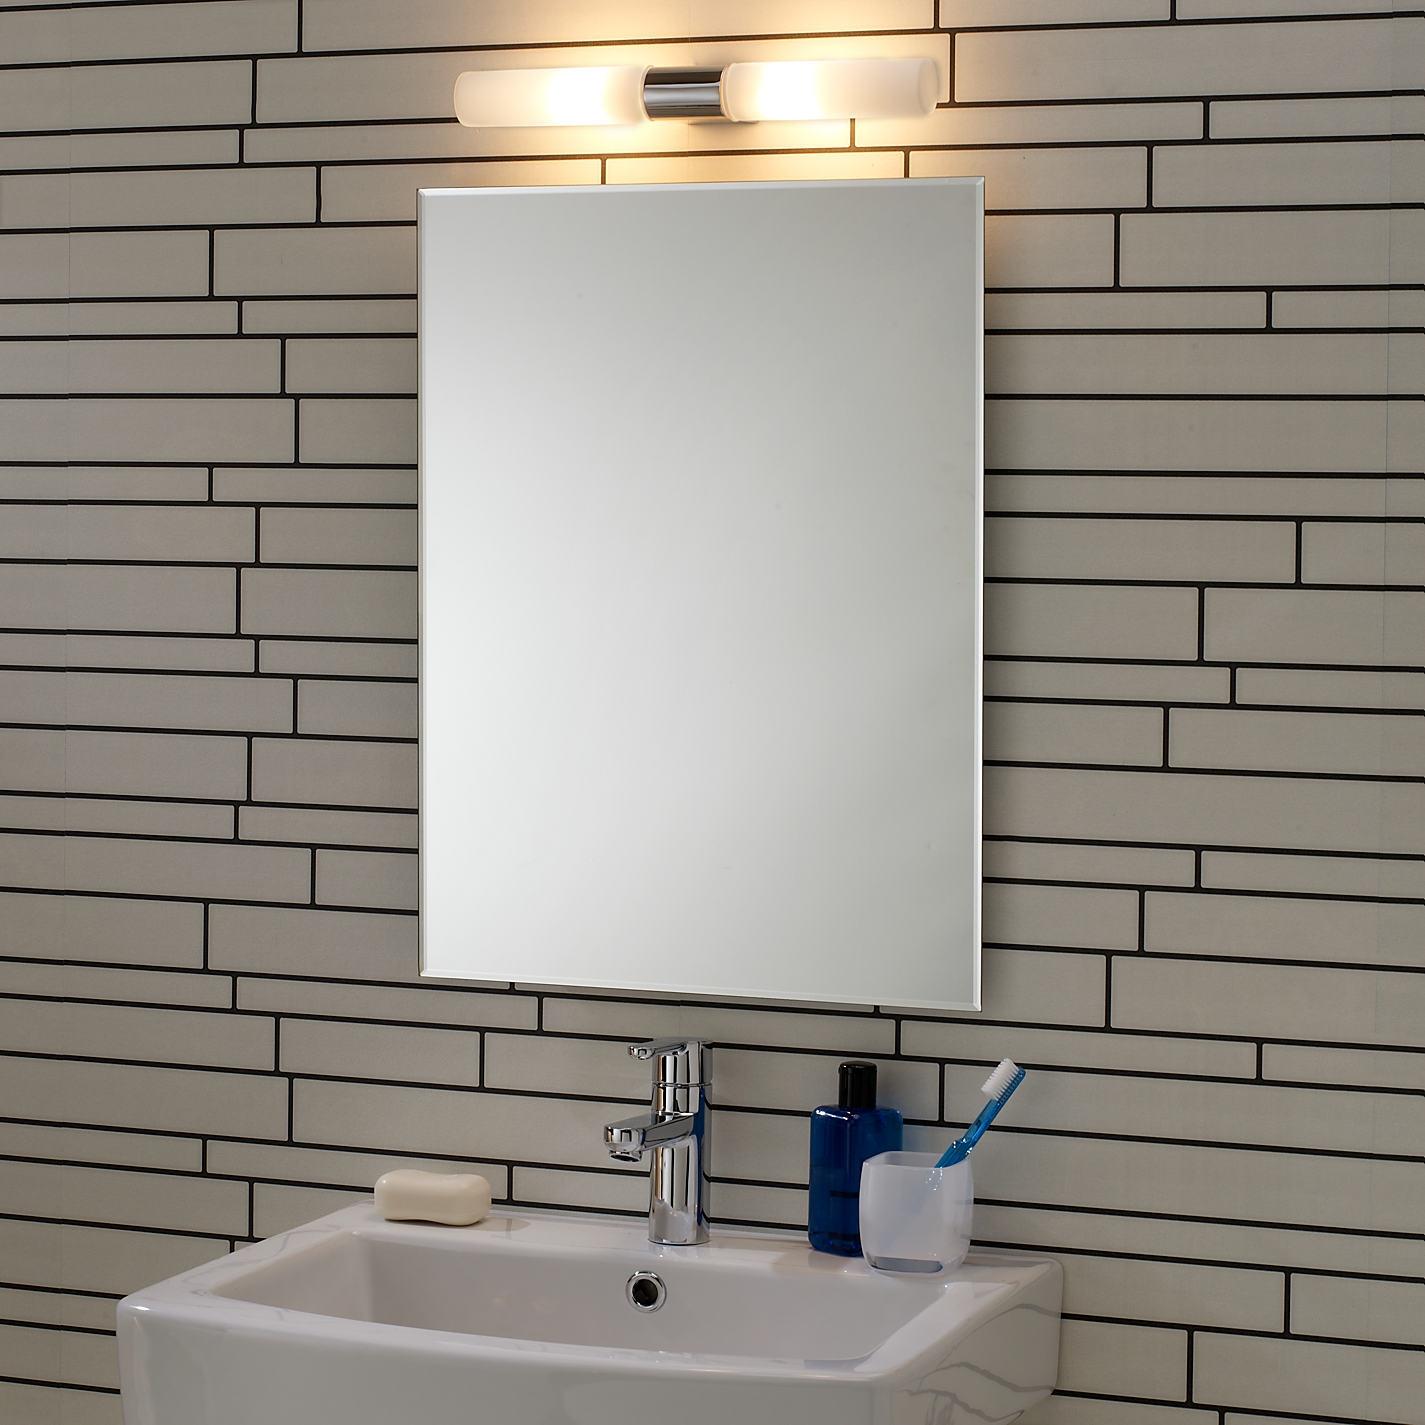 Bathroom Light On Mirror